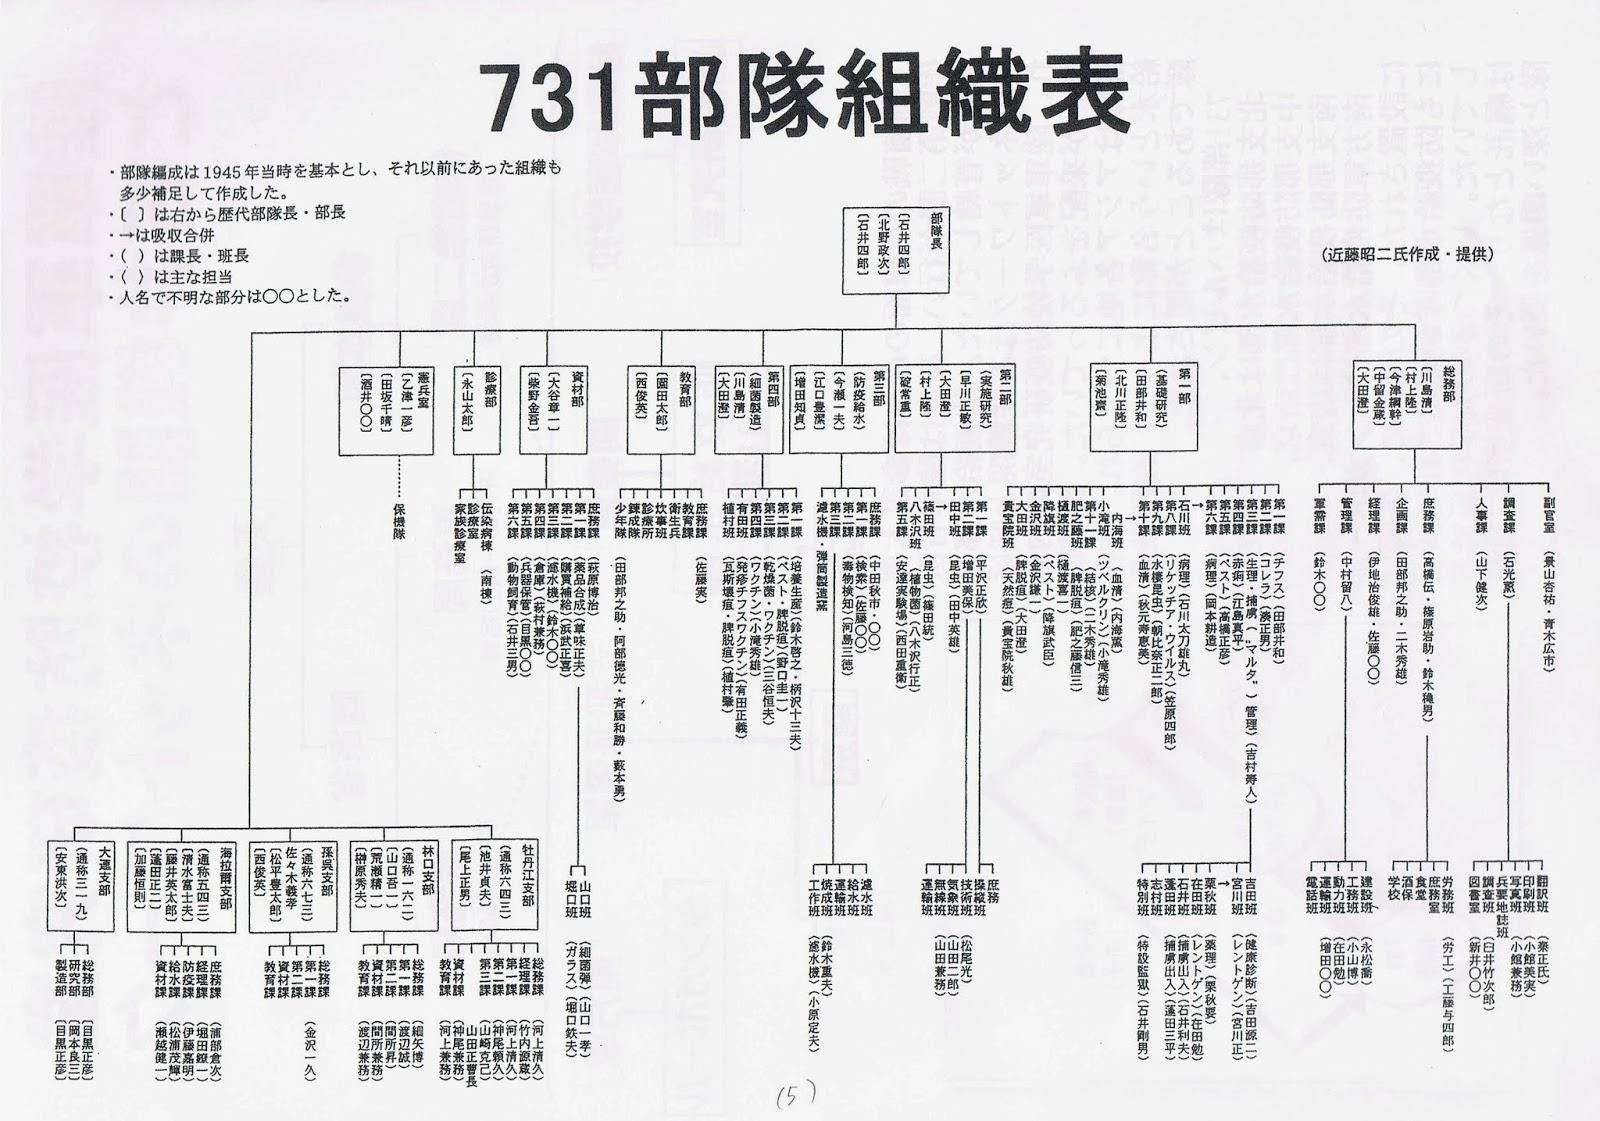 あなたの町で「731部隊展」を開...